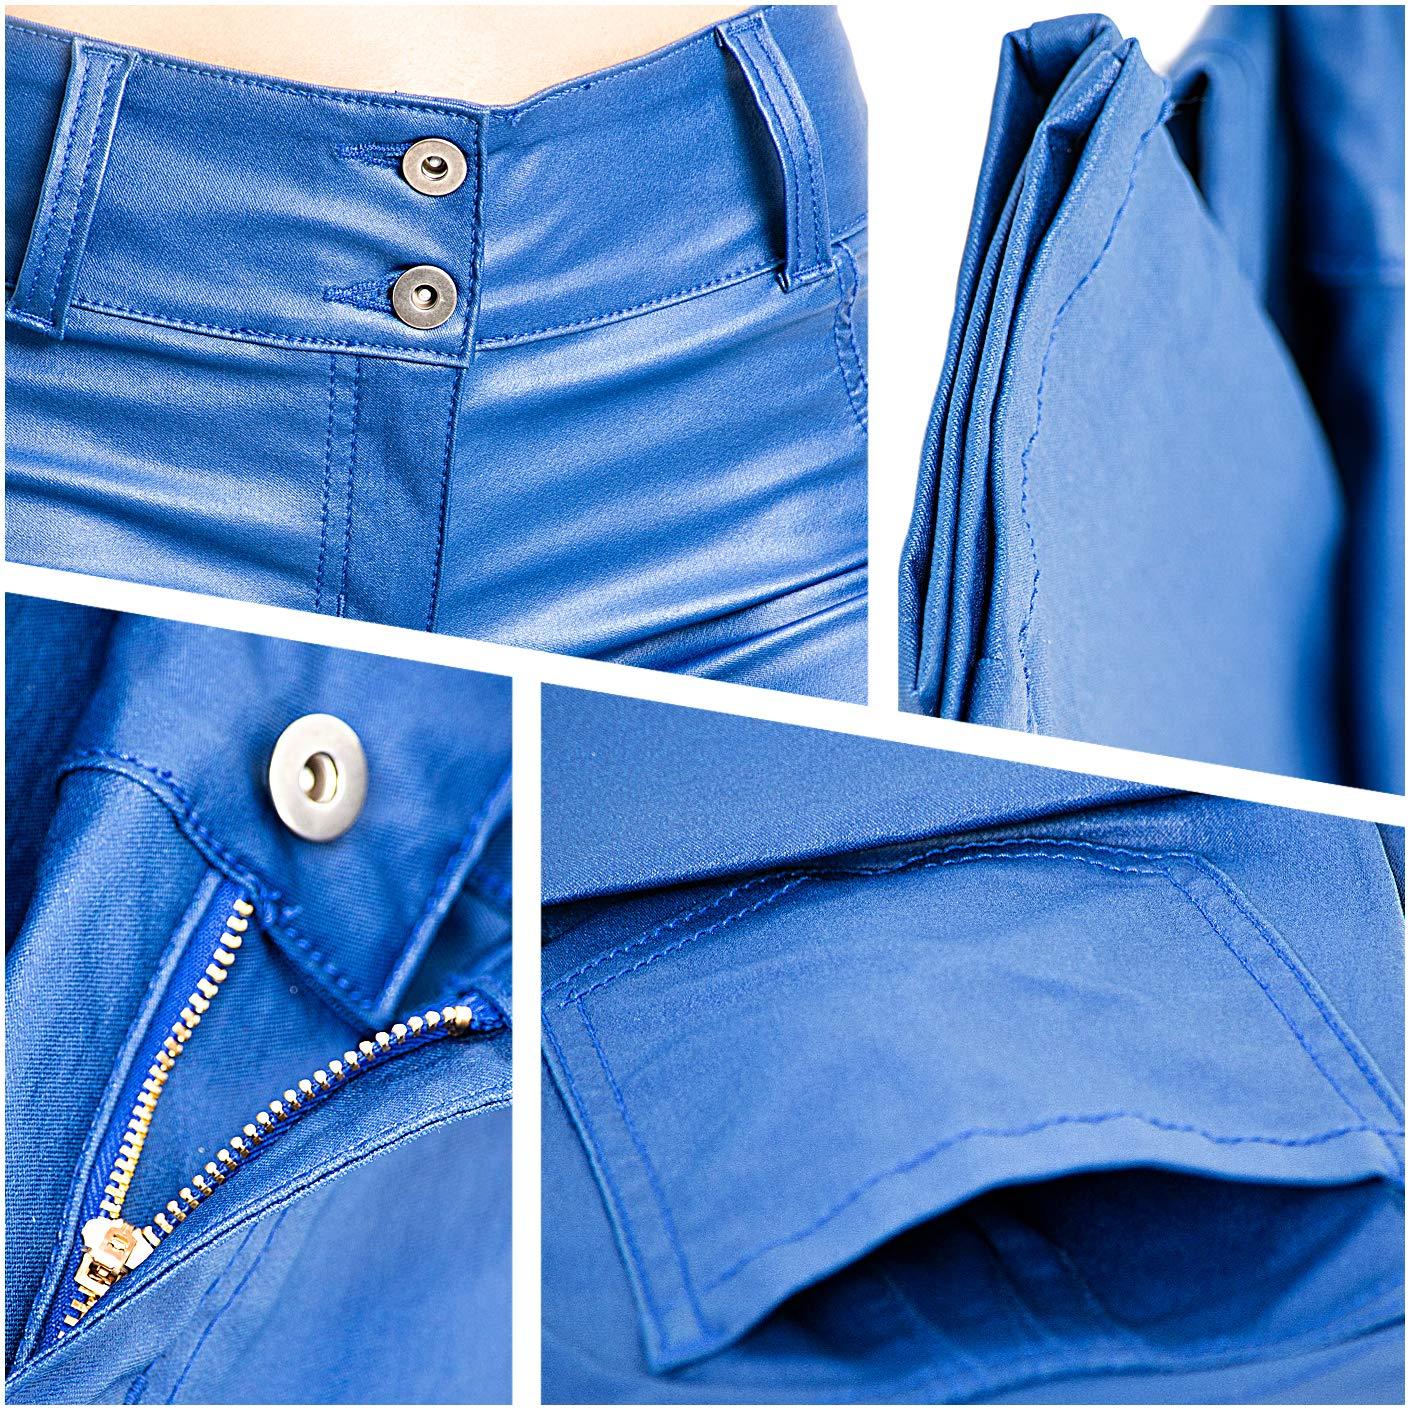 Pantalones Colombianos De Cuero Lowla 0719 Faux Leather Pants for Women